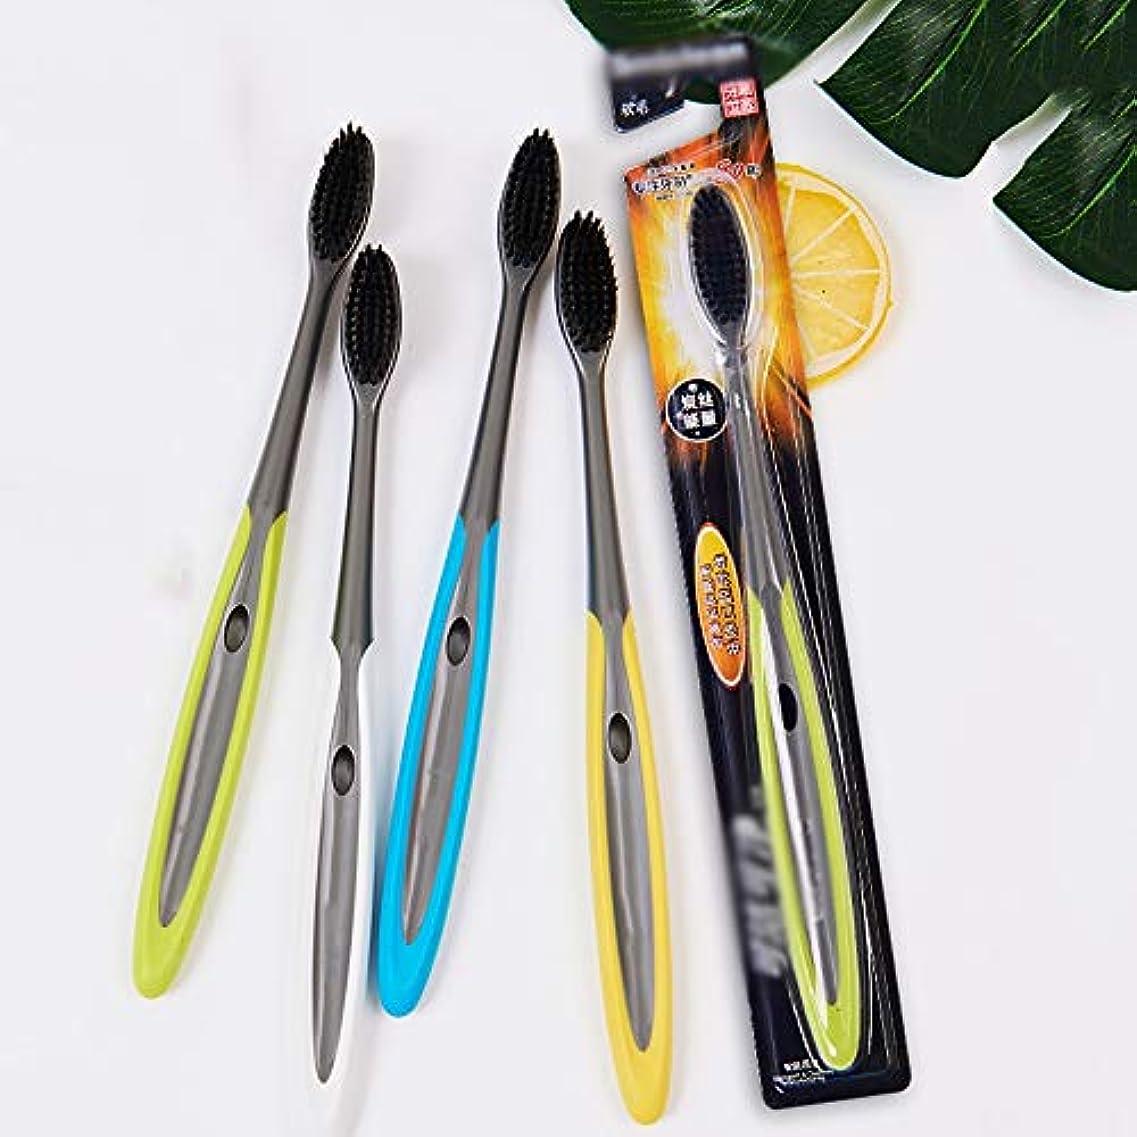 未来計算するデクリメント歯ブラシ アダルト竹炭歯ブラシ、バルク柔らかい歯ブラシは、新鮮な口歯ブラシを支援します - 10パック KHL (サイズ : 10 packs)